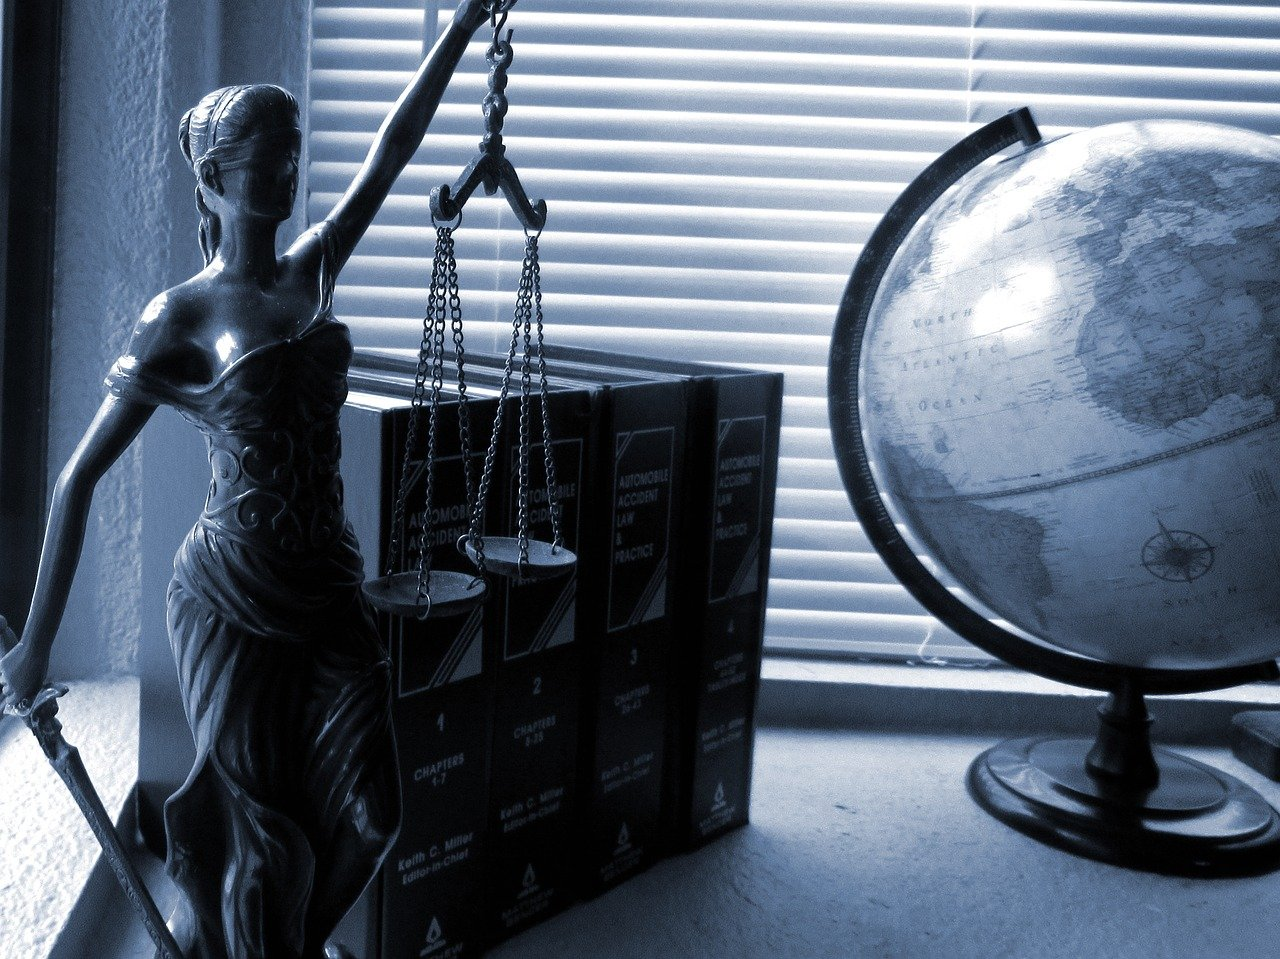 tramites legales propital